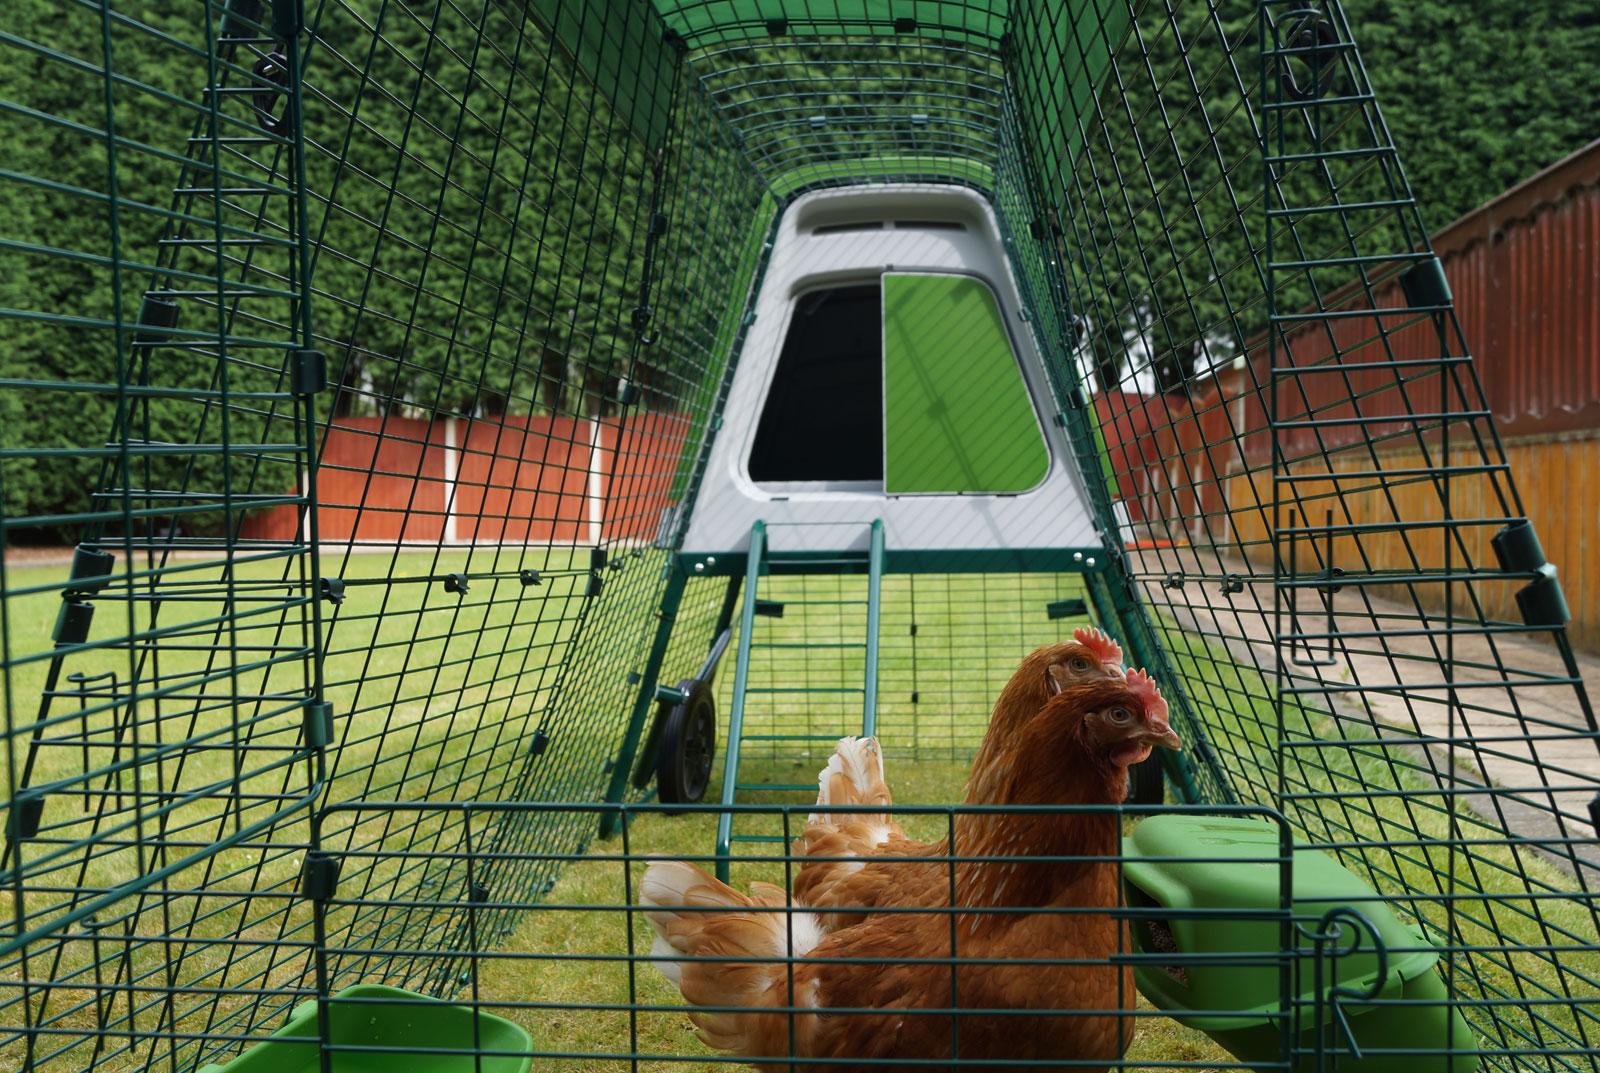 Les Gingernut Rangers de Stephanie Croft, Daphne et Velma, profitant de leur tout nouveau Poulailler Eglu Go UP et son enclos